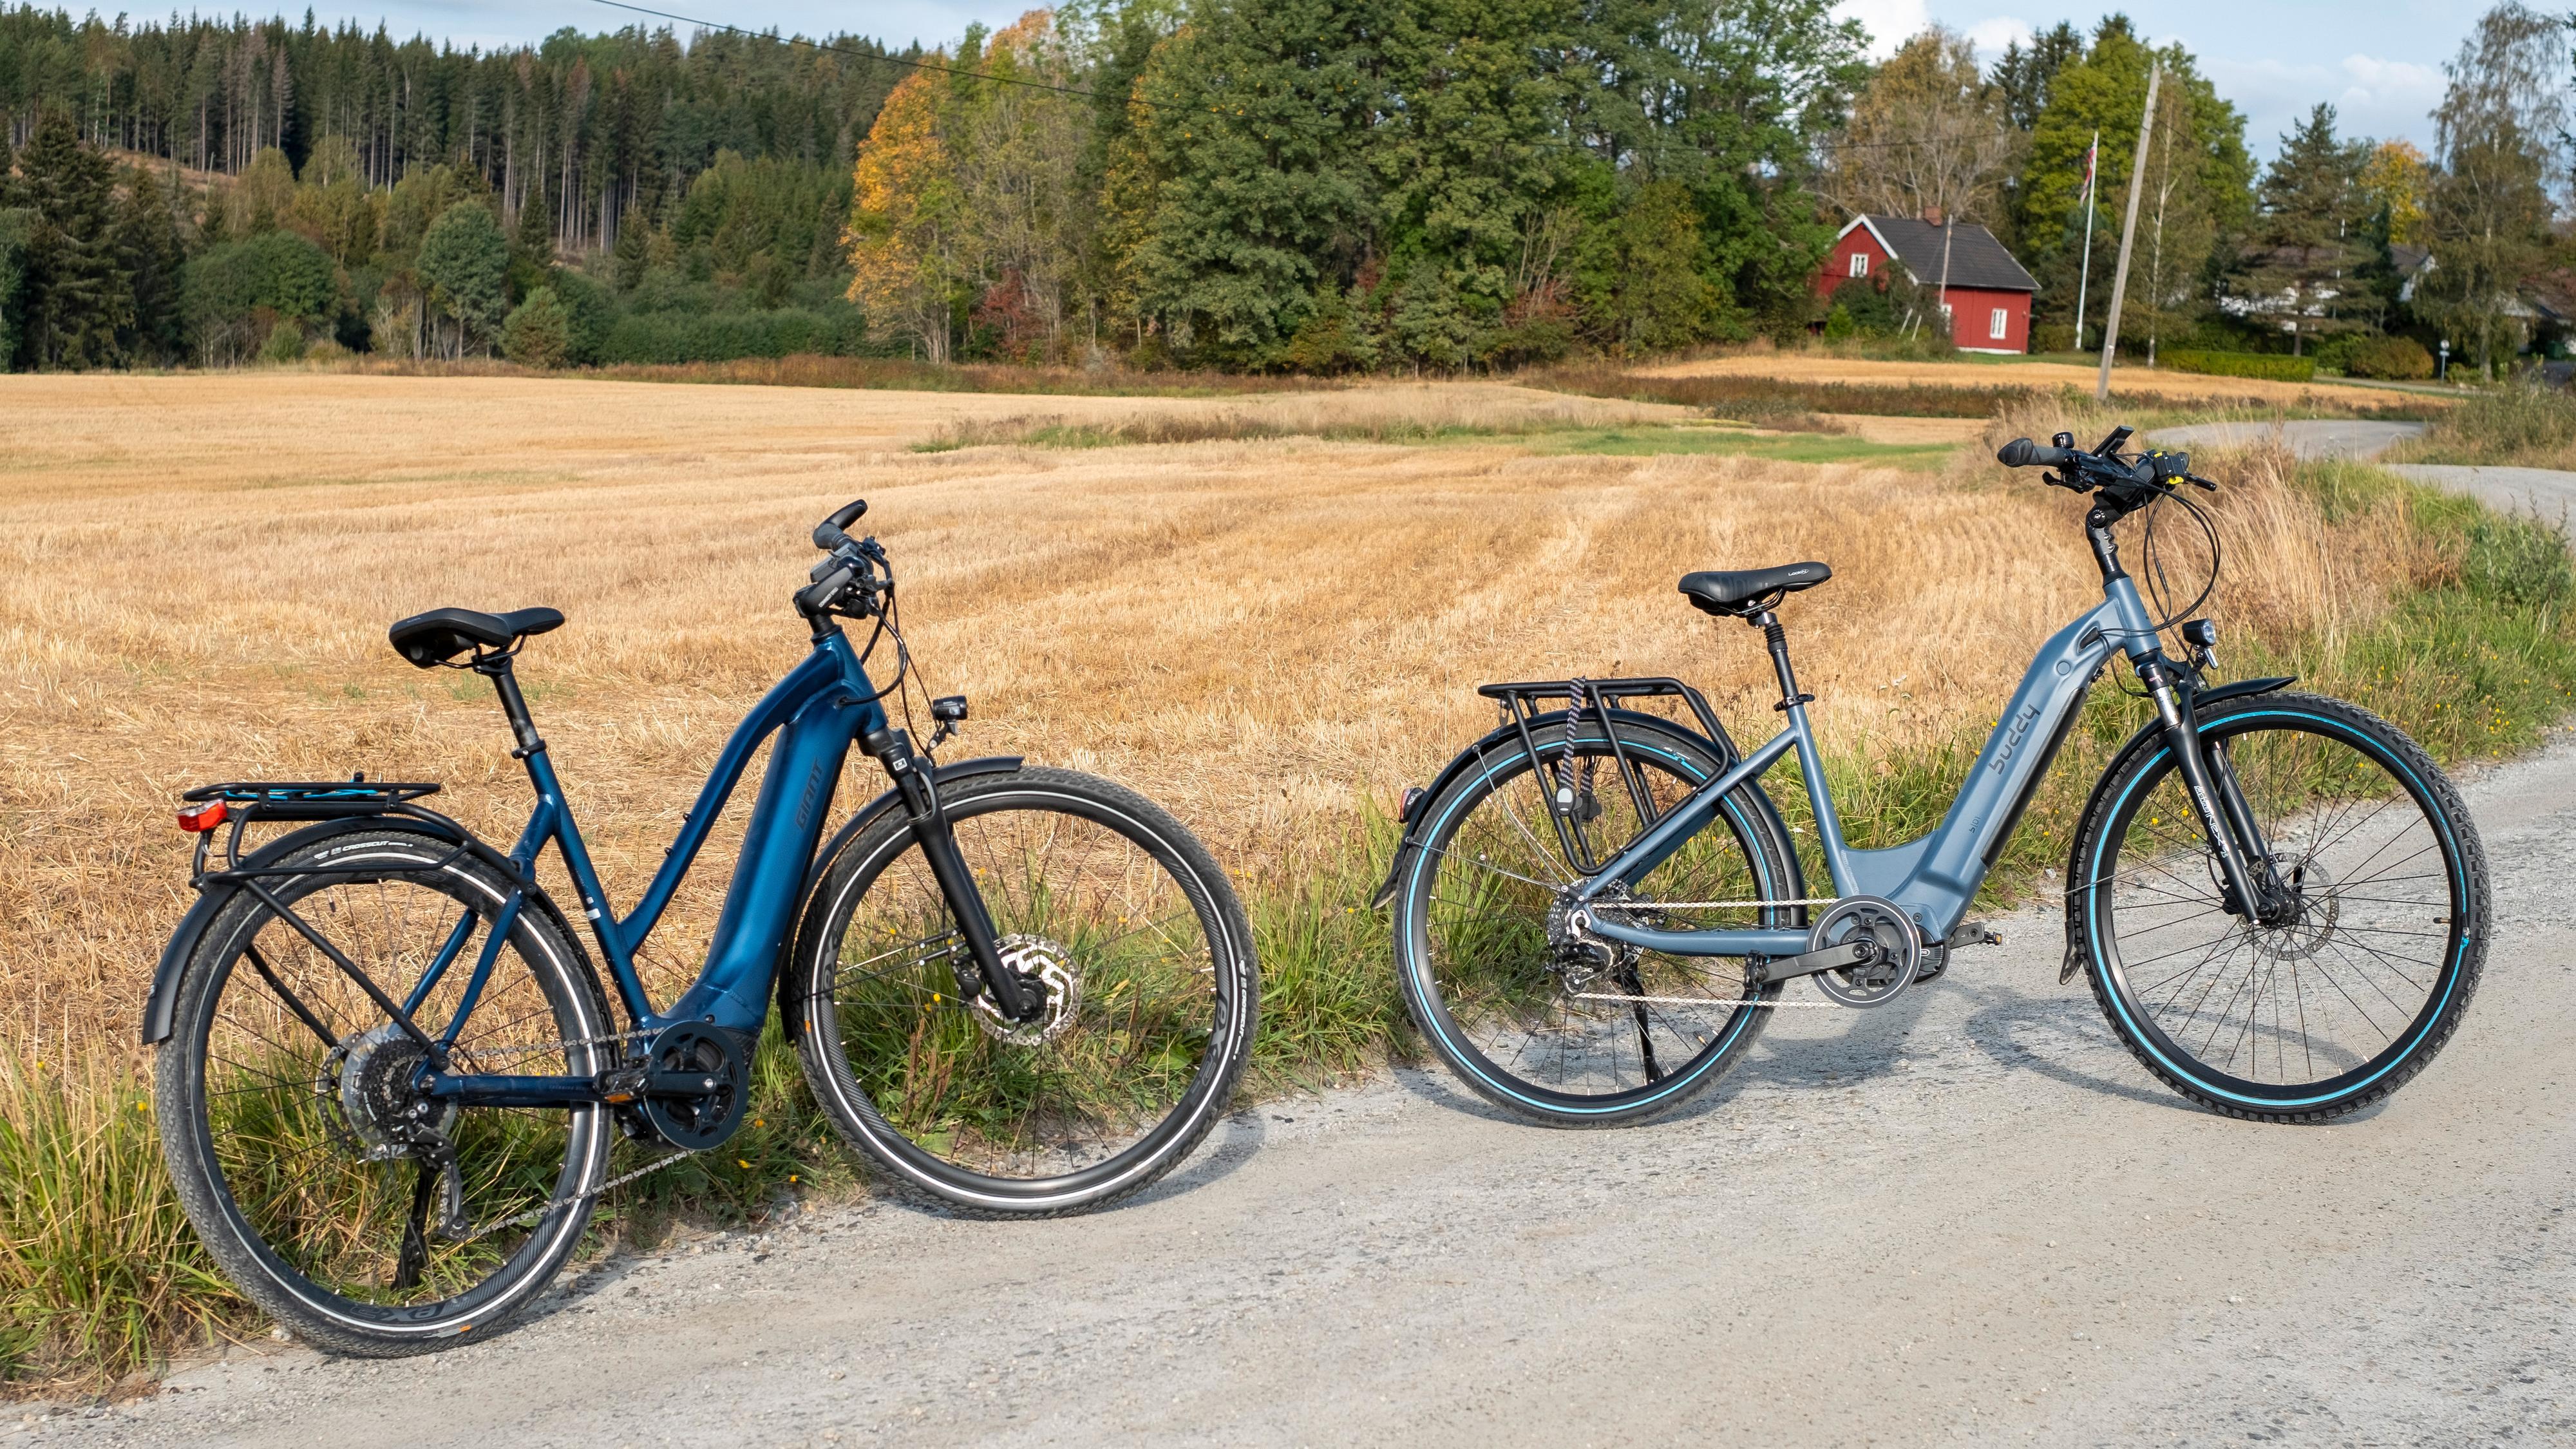 Vi hadde med oss Giant Explore E+ 2 for å sammenlikne. Giant-sykkelen har påkostet motor fra Yamaha, men mindre batteri. Samtidig gjør smart motorstyring at den kan assistere deg en god del lenger enn Buddy-sykkelen kan.